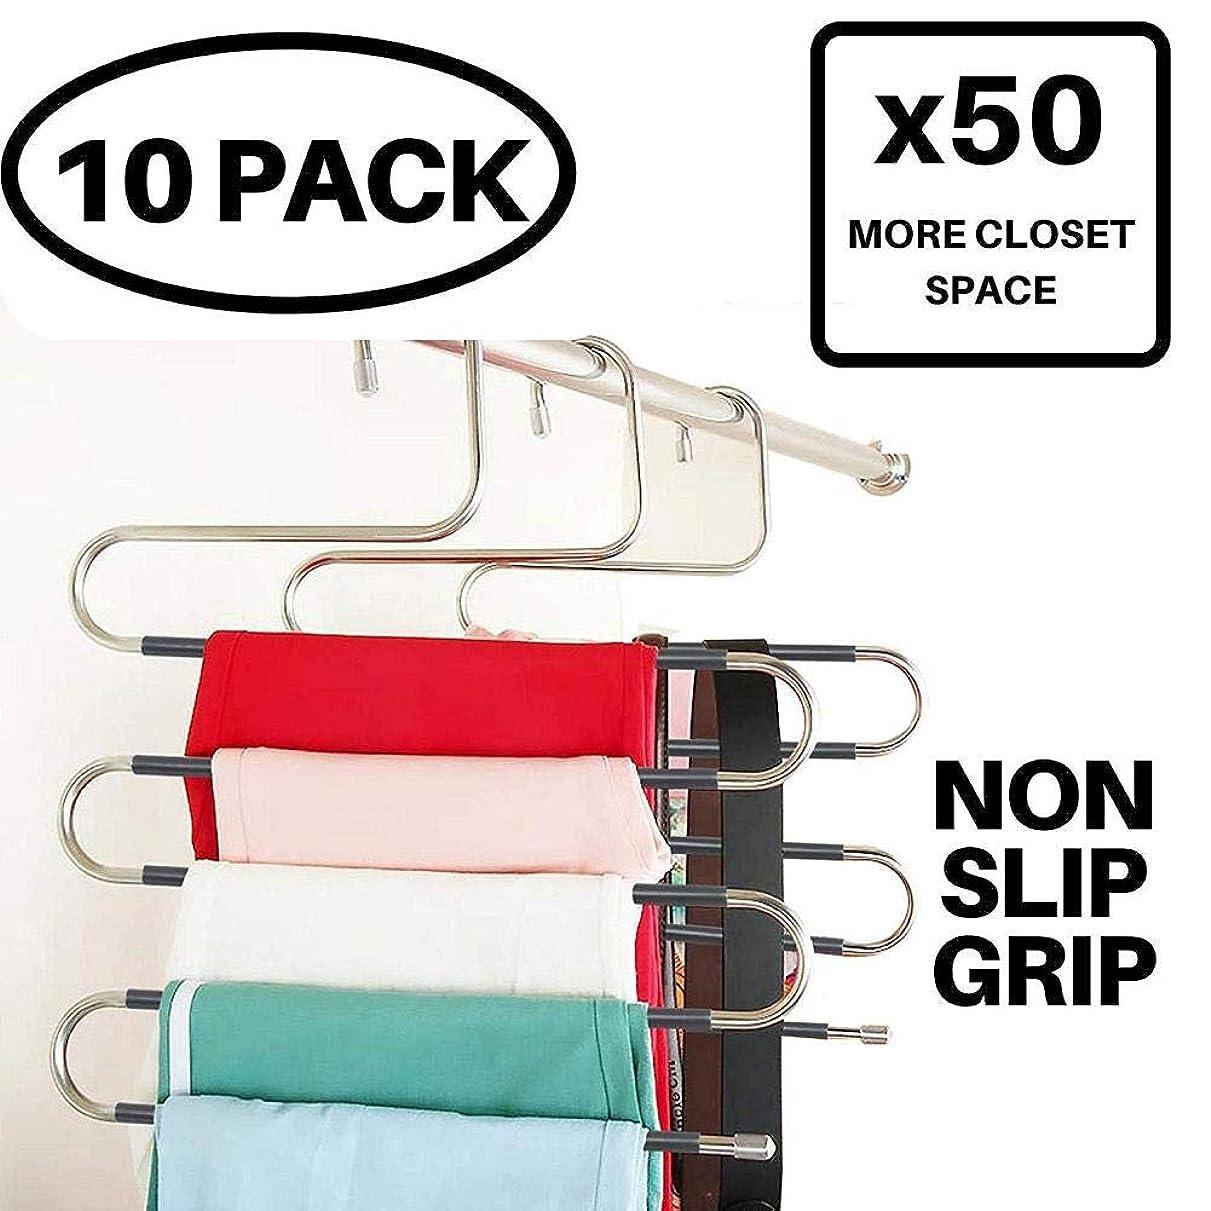 プロフィール炎上インク[10パック]スペース節約S字型ハンガー、すべての衣服、パンツ、ジーンズ、スカーフ用の追加グリップ付き|